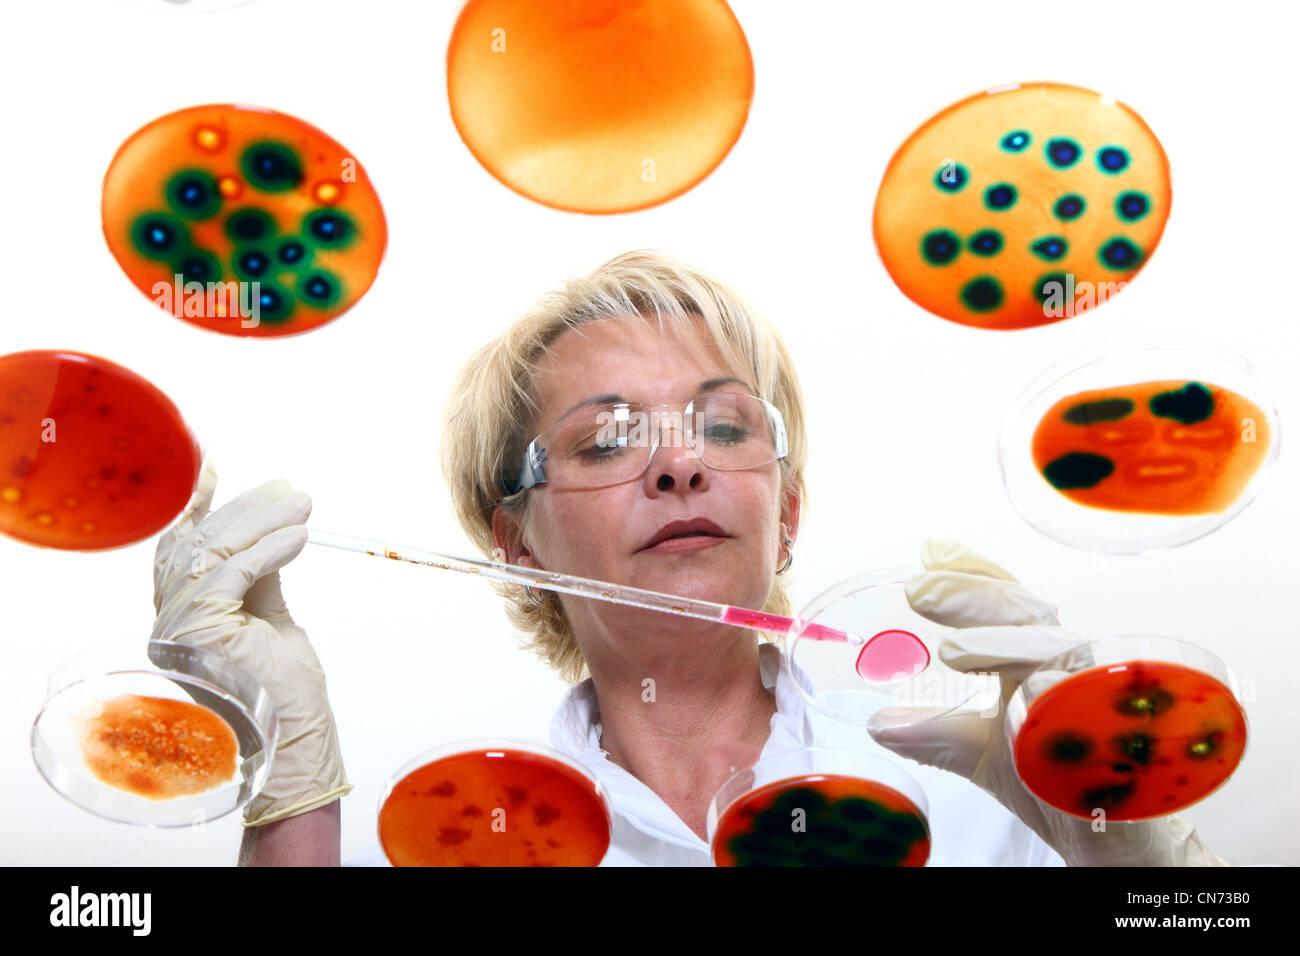 Technicien de laboratoire dans le laboratoire avec des cultures de bactéries dans des boîtes de Pétri. Photo Stock